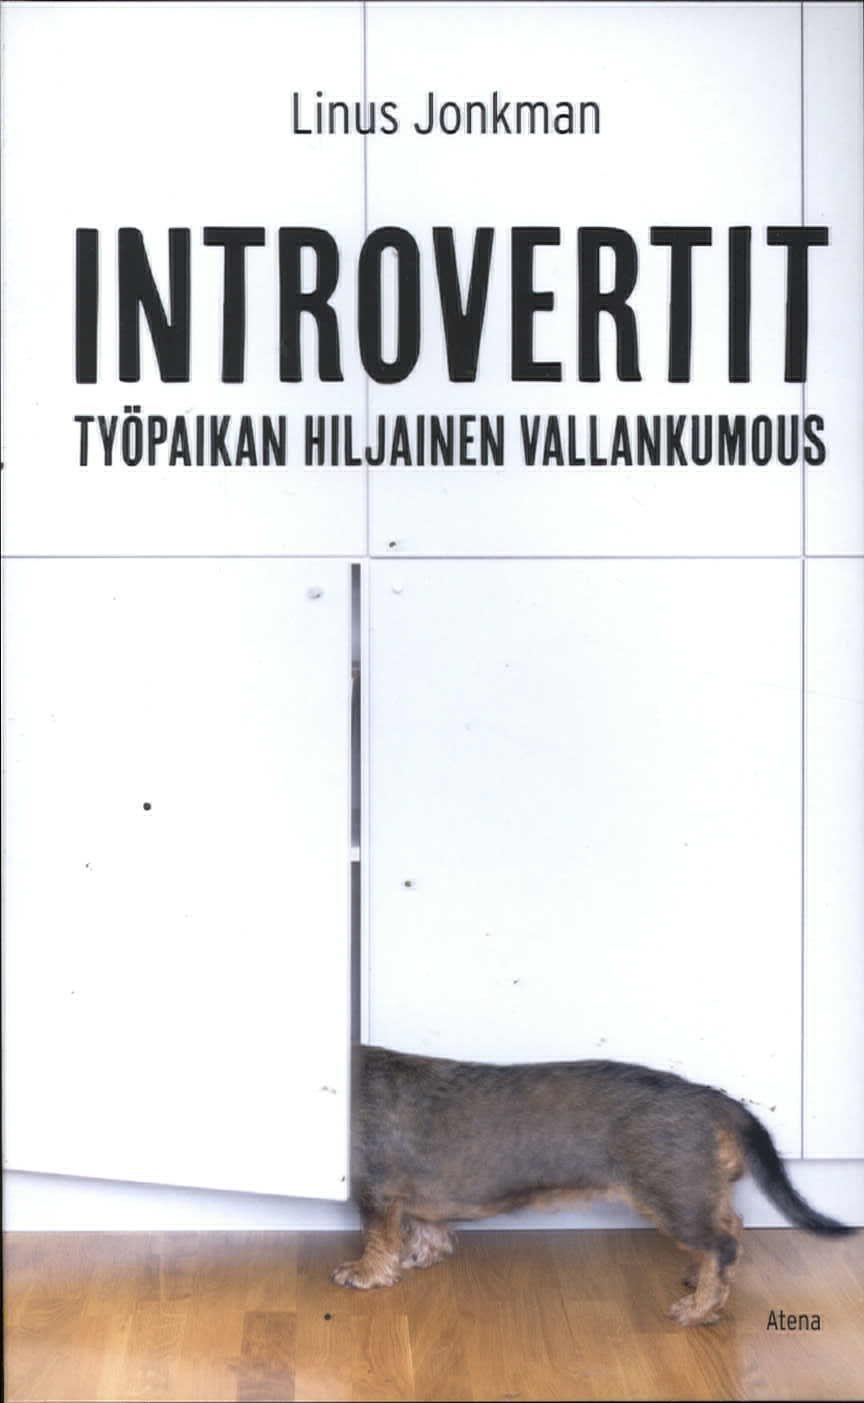 Jonkman, Linus: Introvertit ?- Työpaikan hiljainen vallankumous